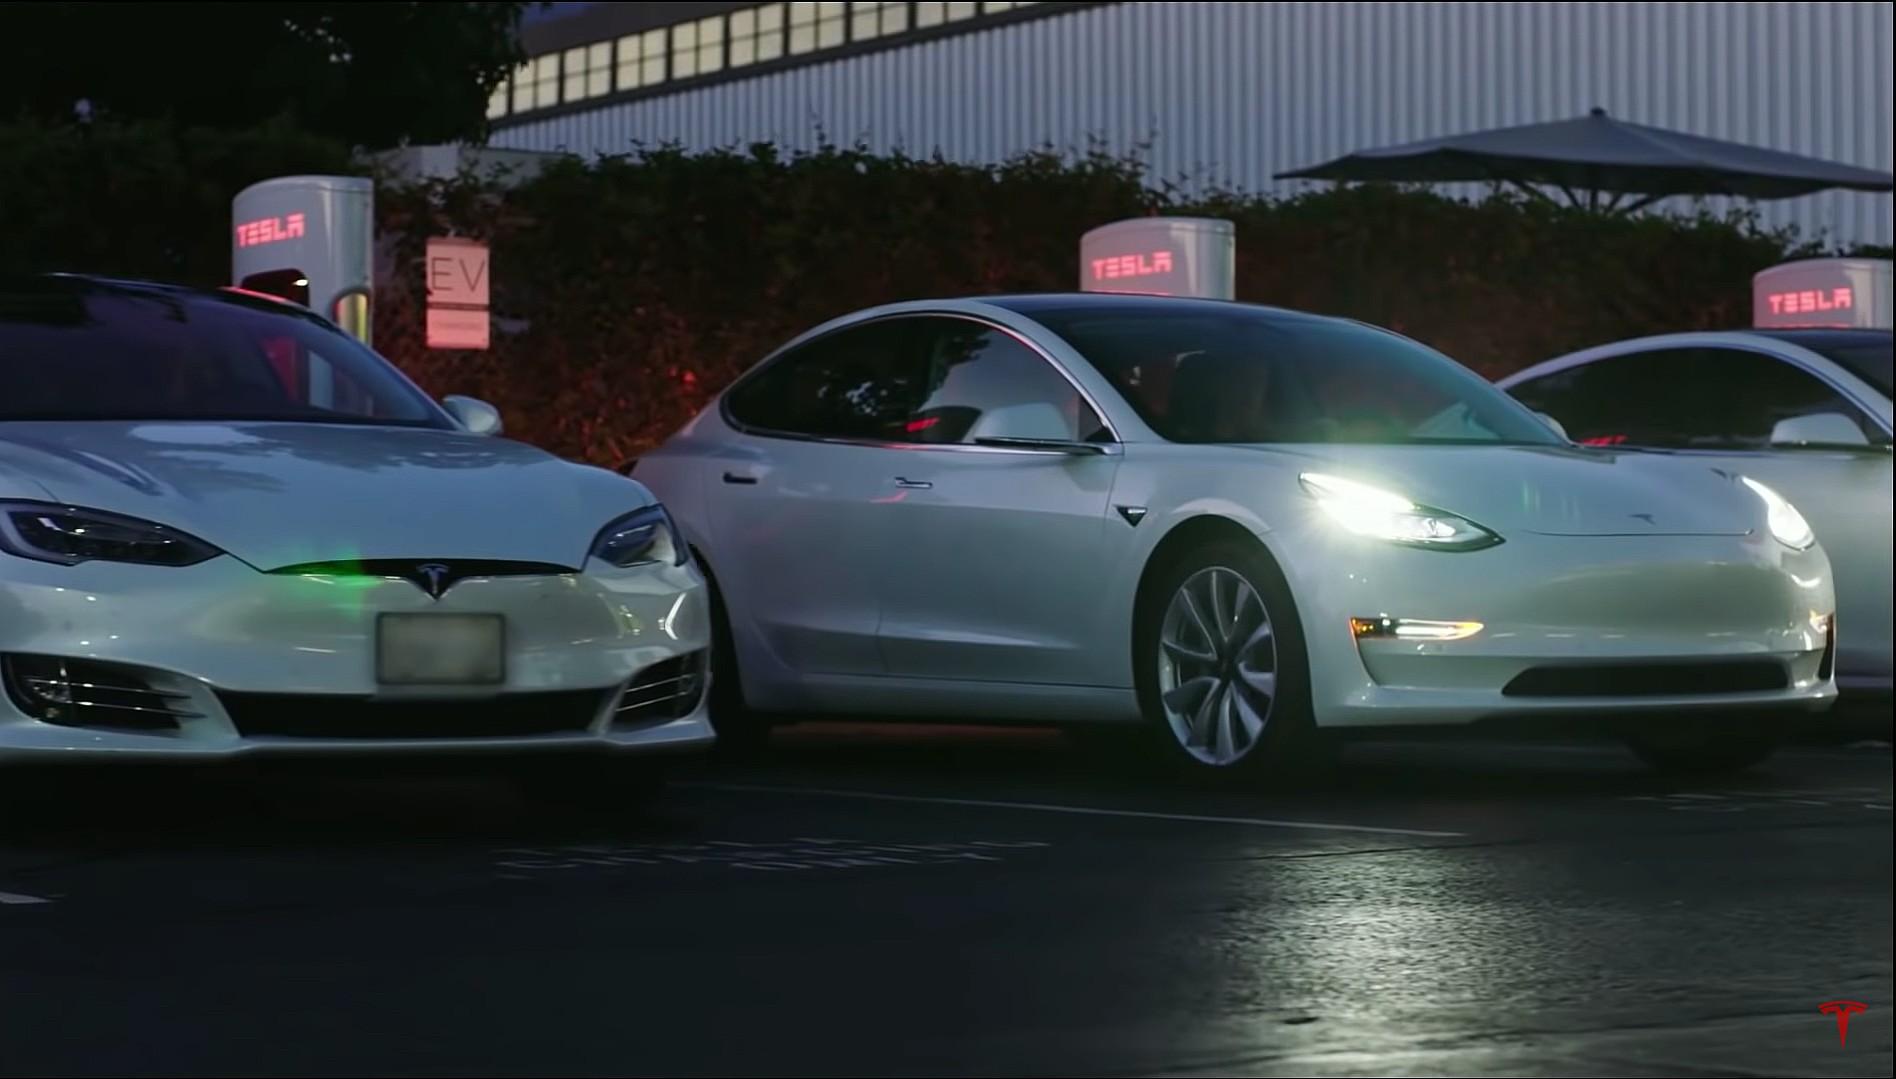 Рампа Tesla Supercharger достигла рубежа в 2000 активных станций по всему миру